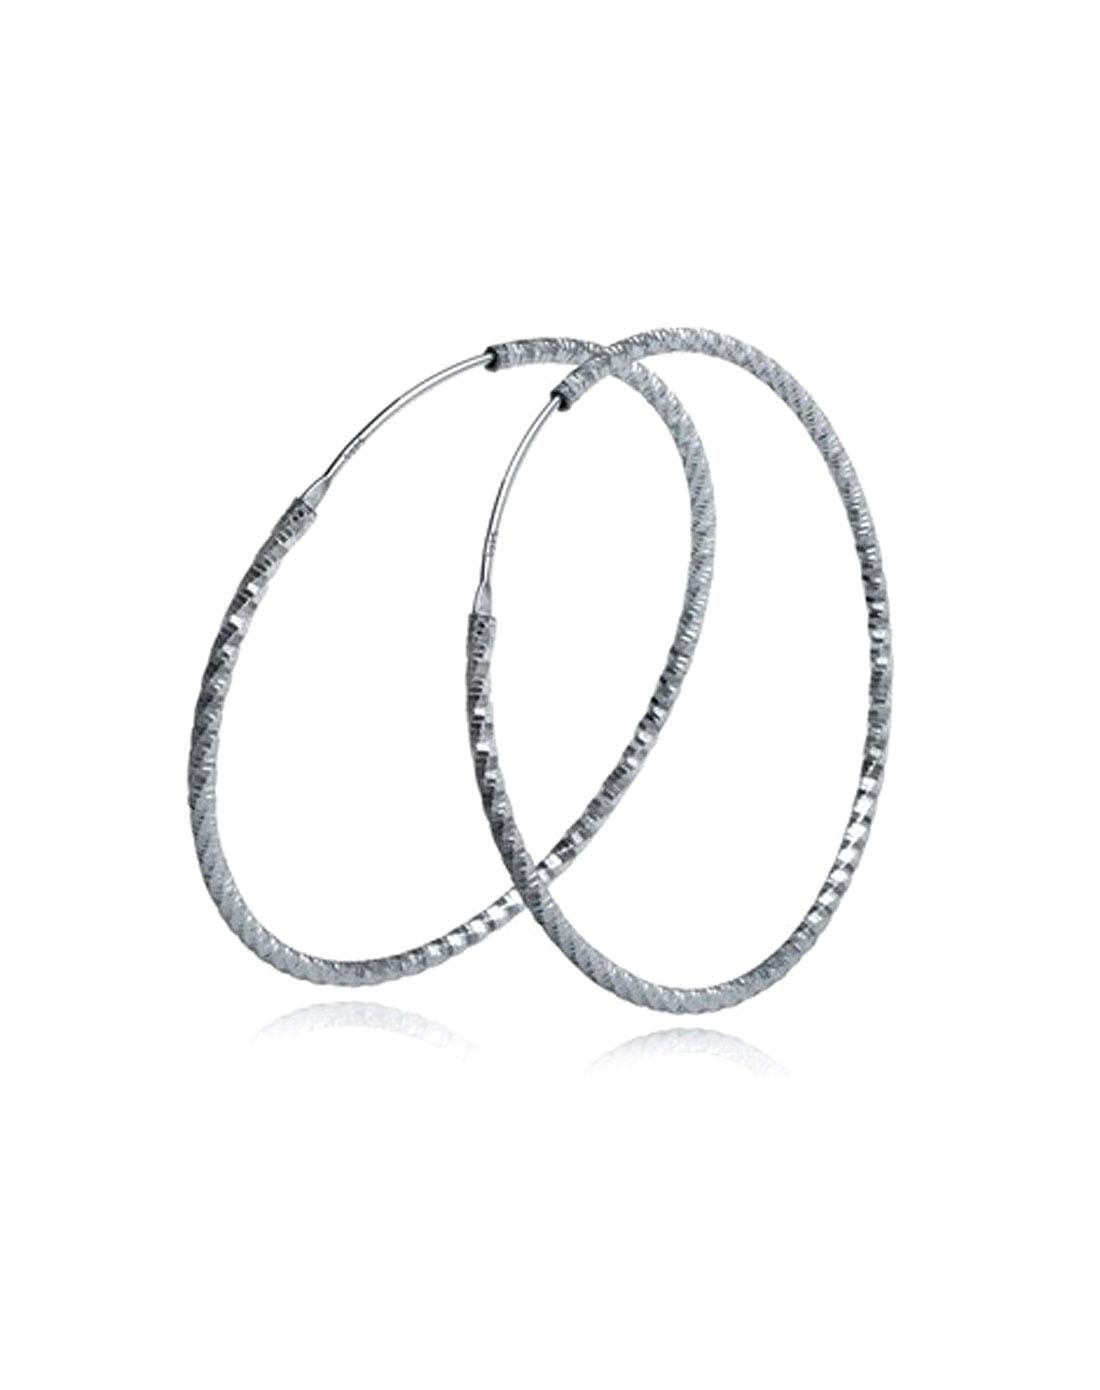 925纯银大圆圈耳环3cmx1mm空心耳圈